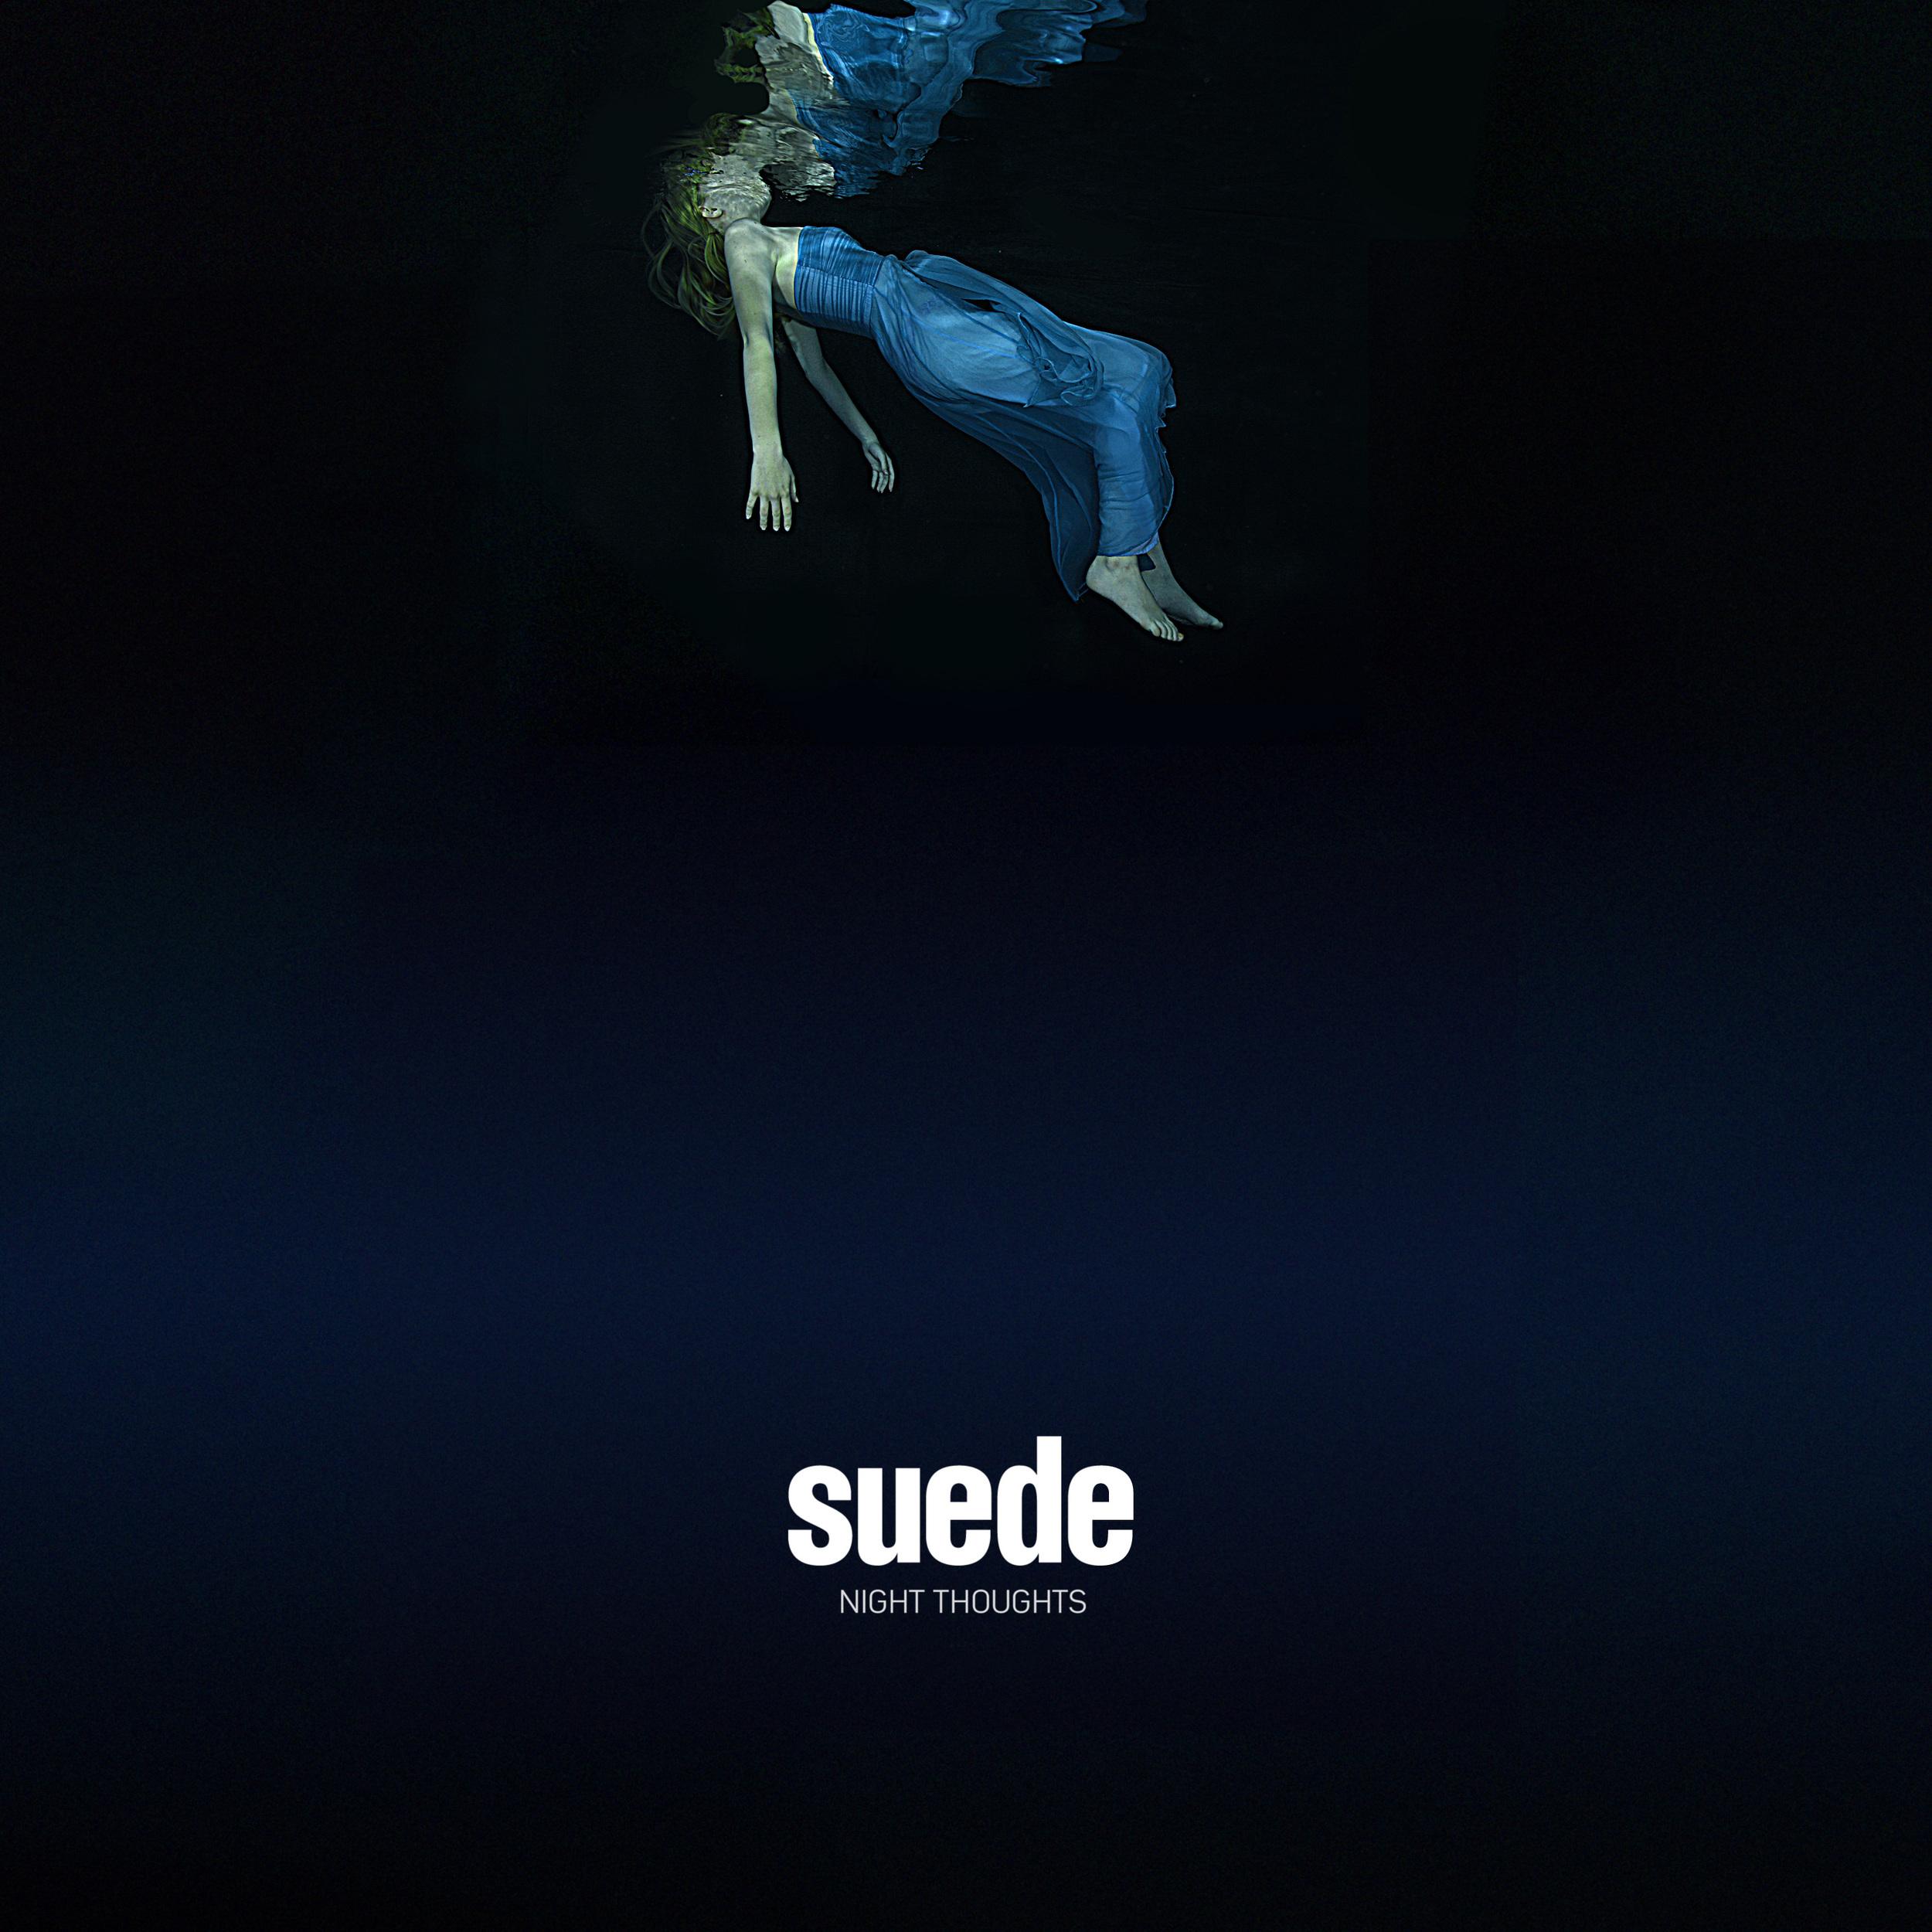 Suede's new album cover featuring underwater photography by Starfish Underwater Photography!